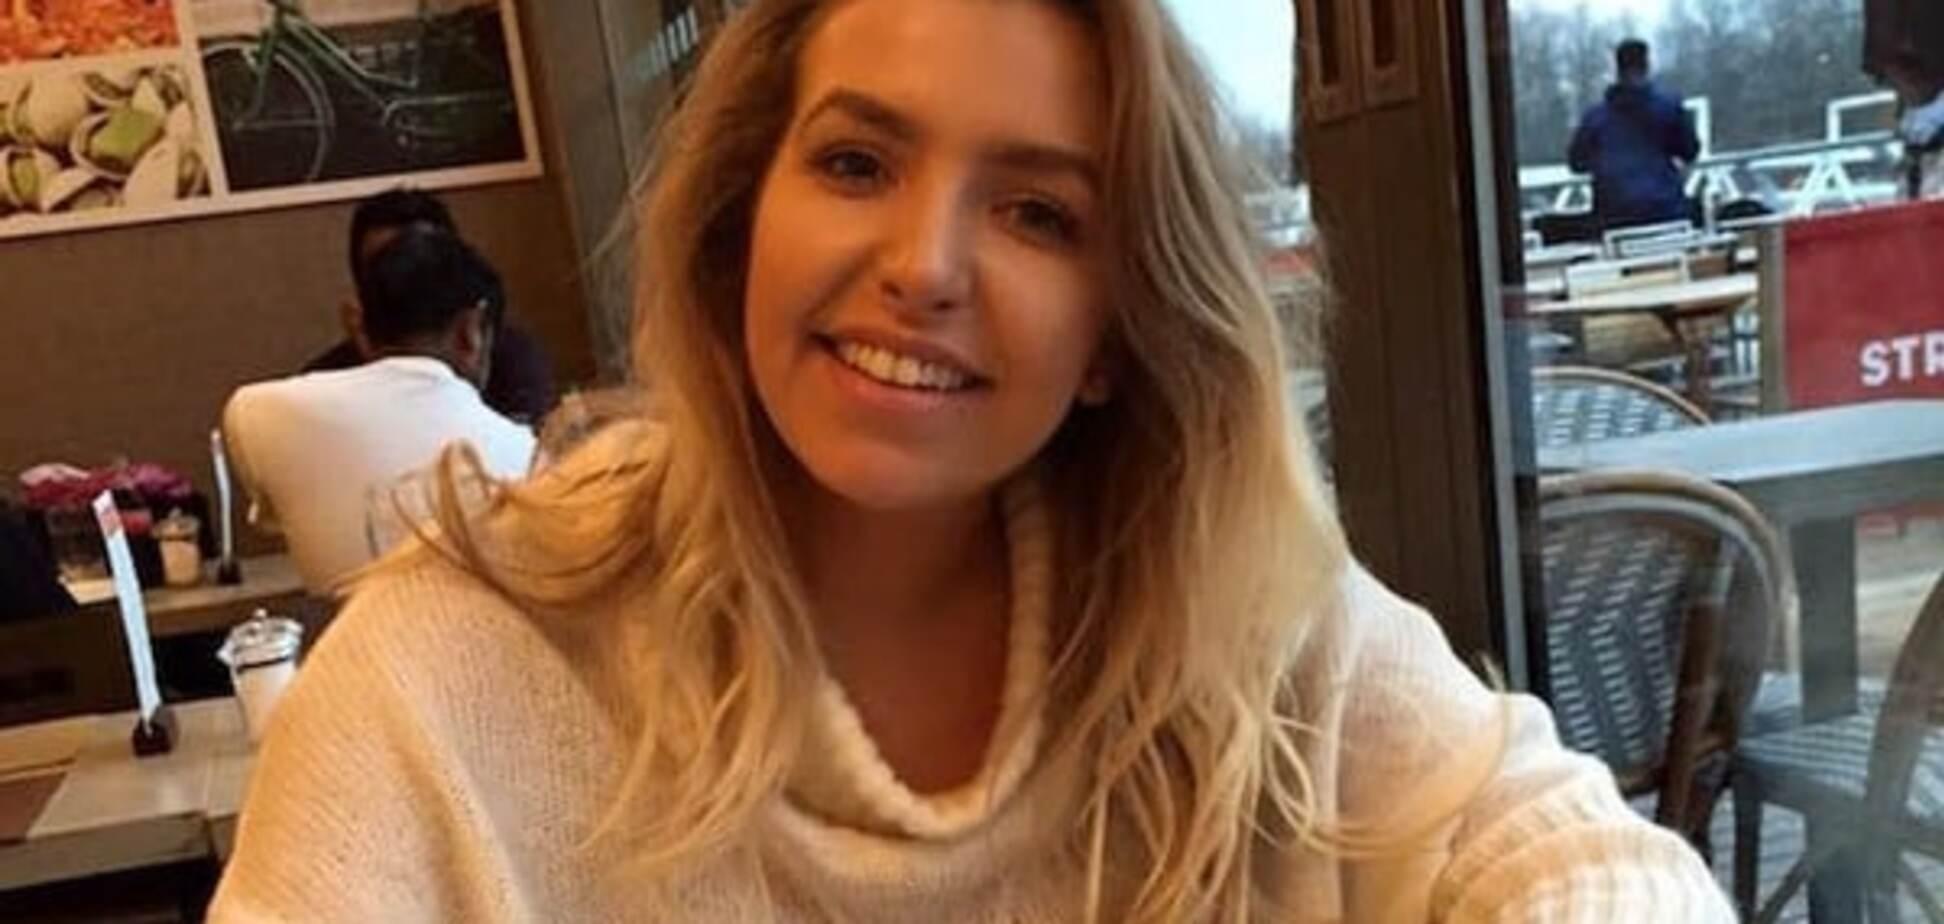 В Англии из-за врачебной ошибки умерла 22-летняя девушка